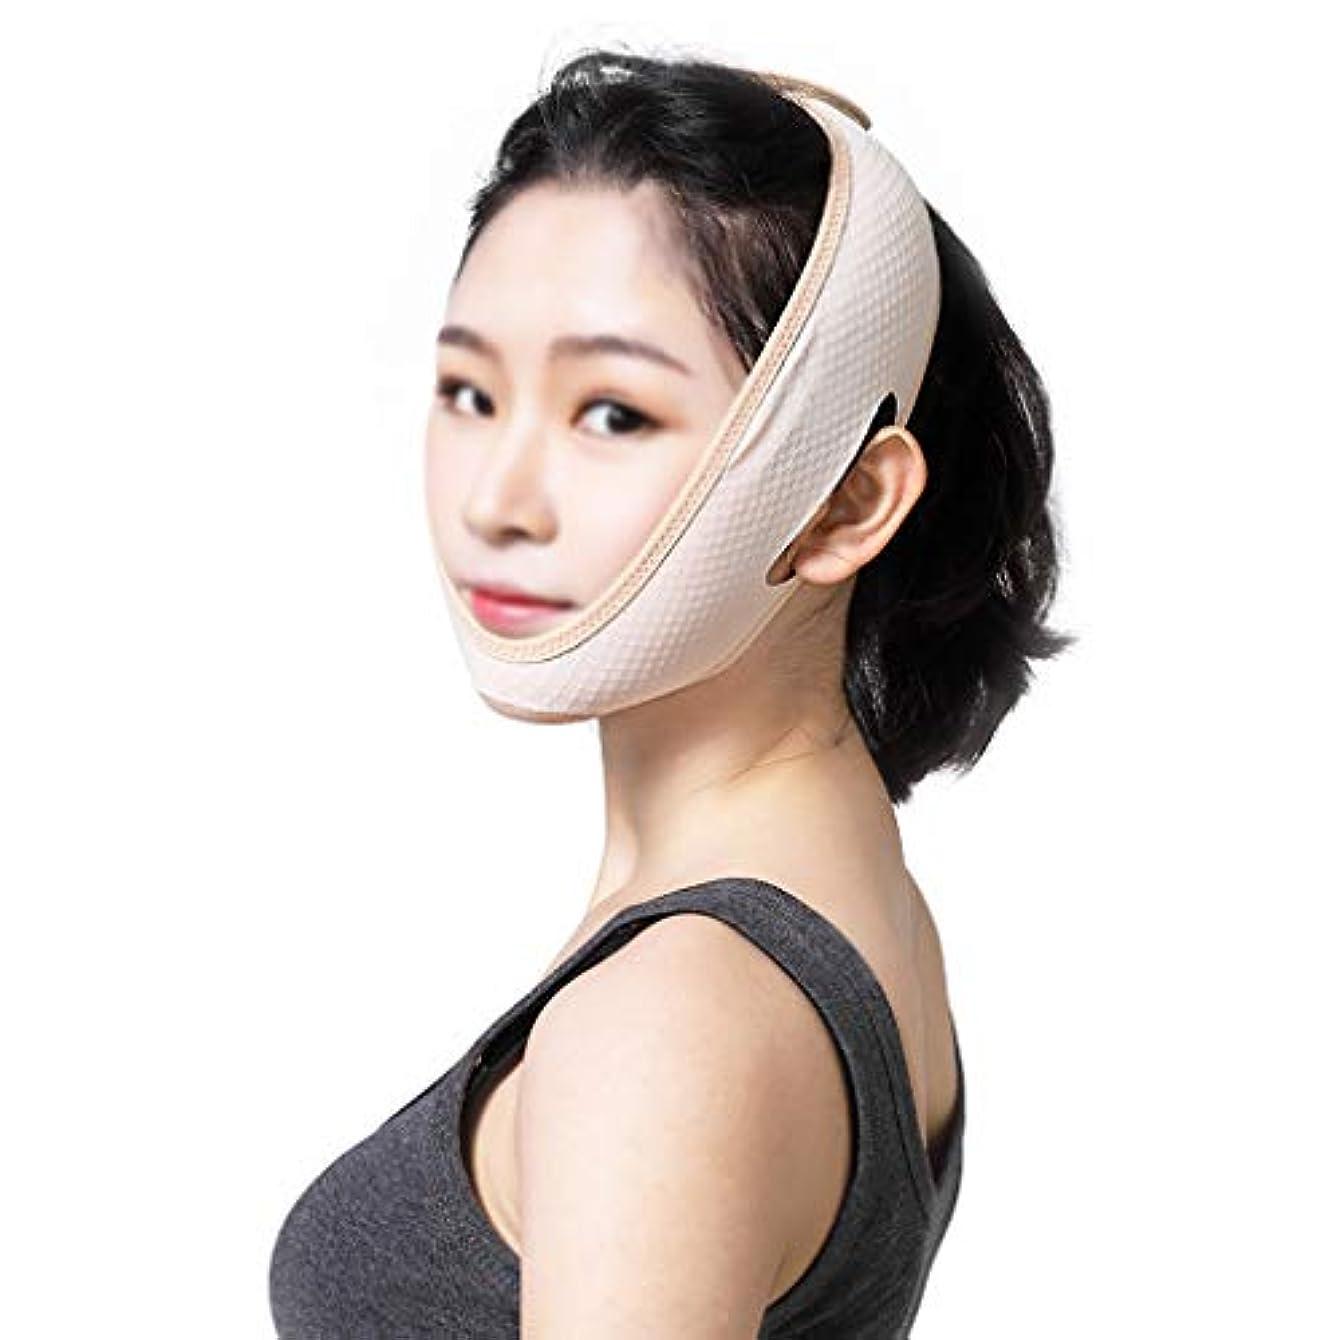 こだわり宇宙のスコア医療美容ライン彫刻術後回復マスクvフェイスリフティングタイトなヘッドギアあごあご包帯薄い顔楽器アーティファクト